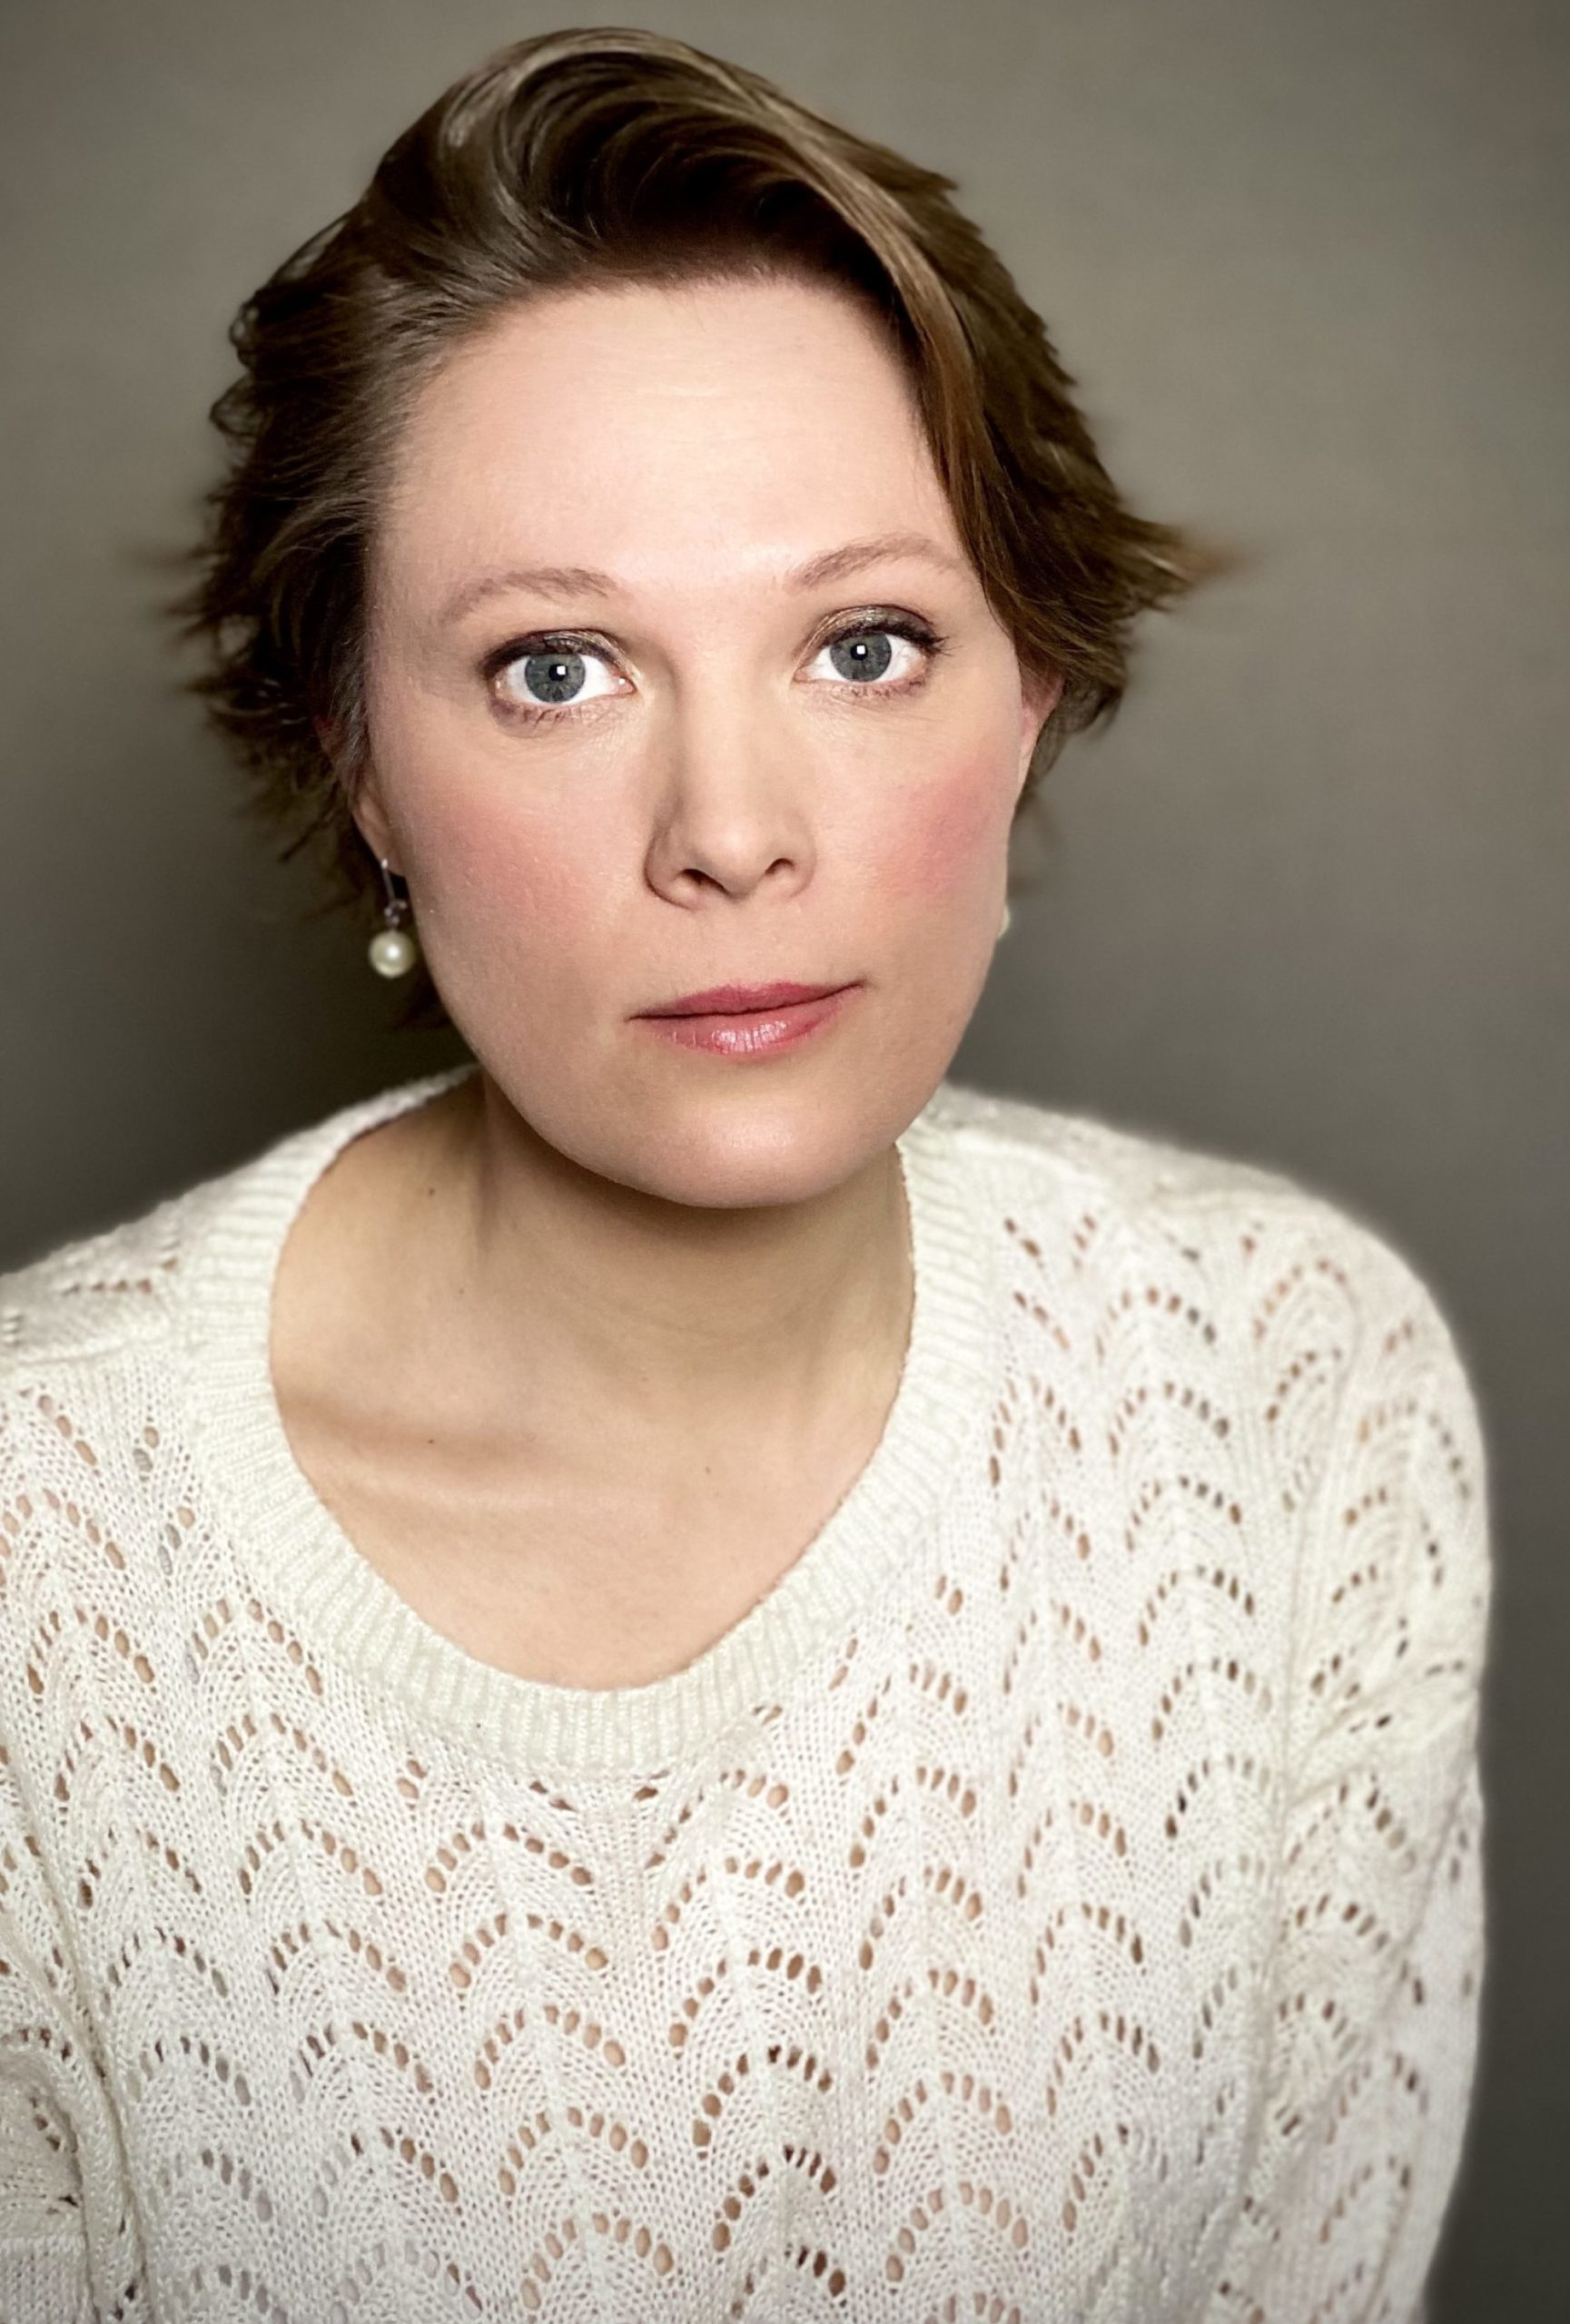 Annemarie Hagenaars (SAG-AFTRA)